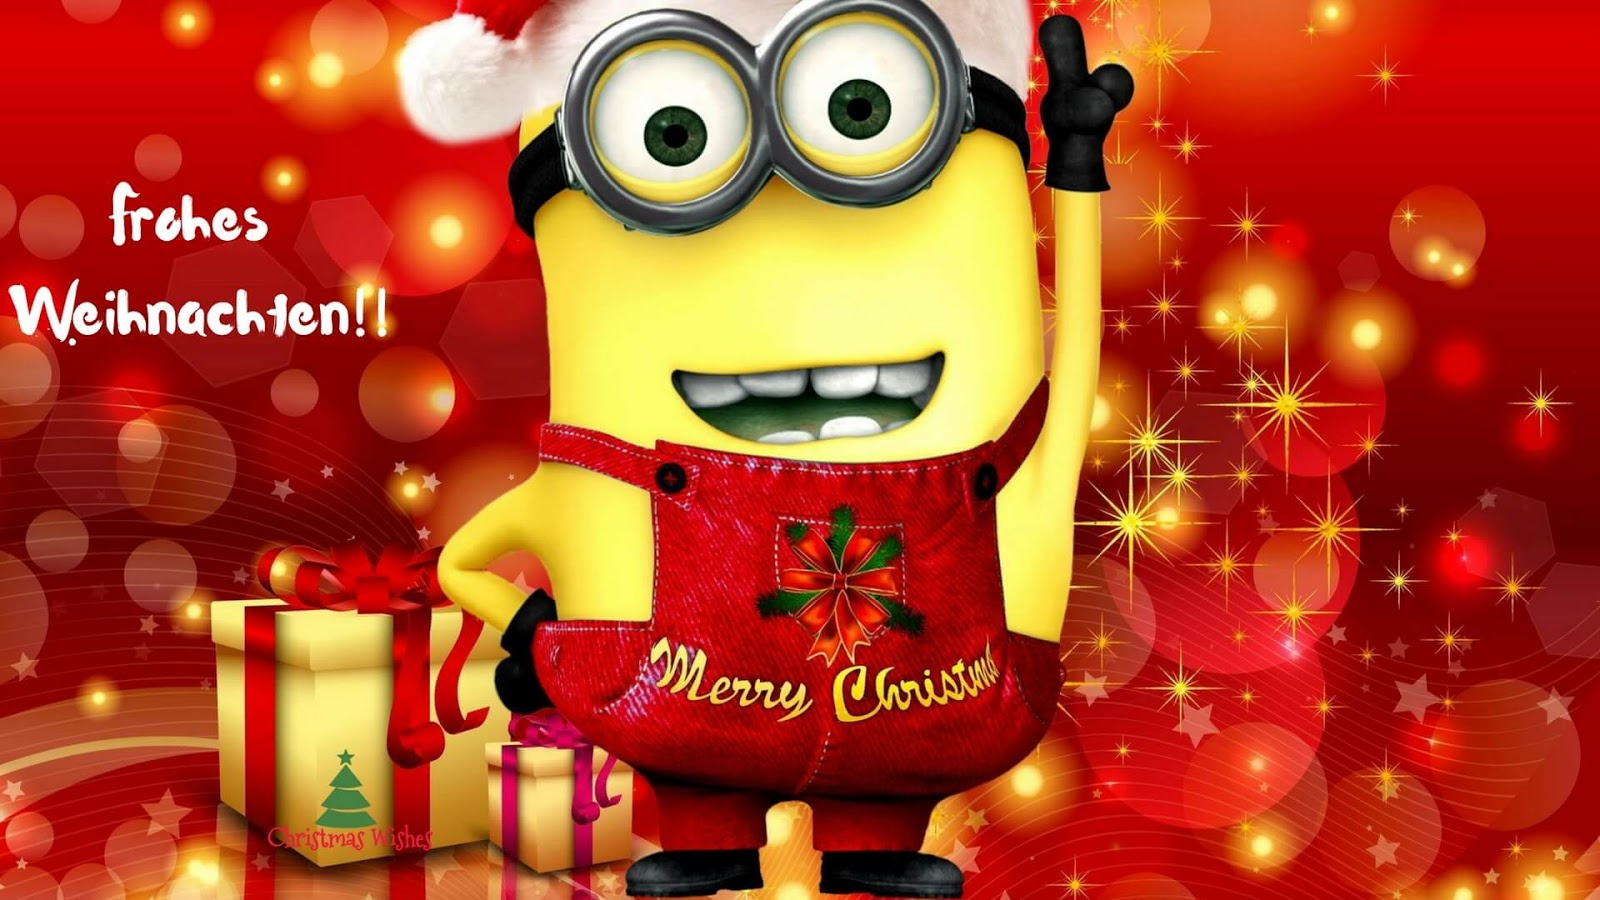 Fantastisch Lustige Minions Bilder Frohe Weihnachten | Frohes ...